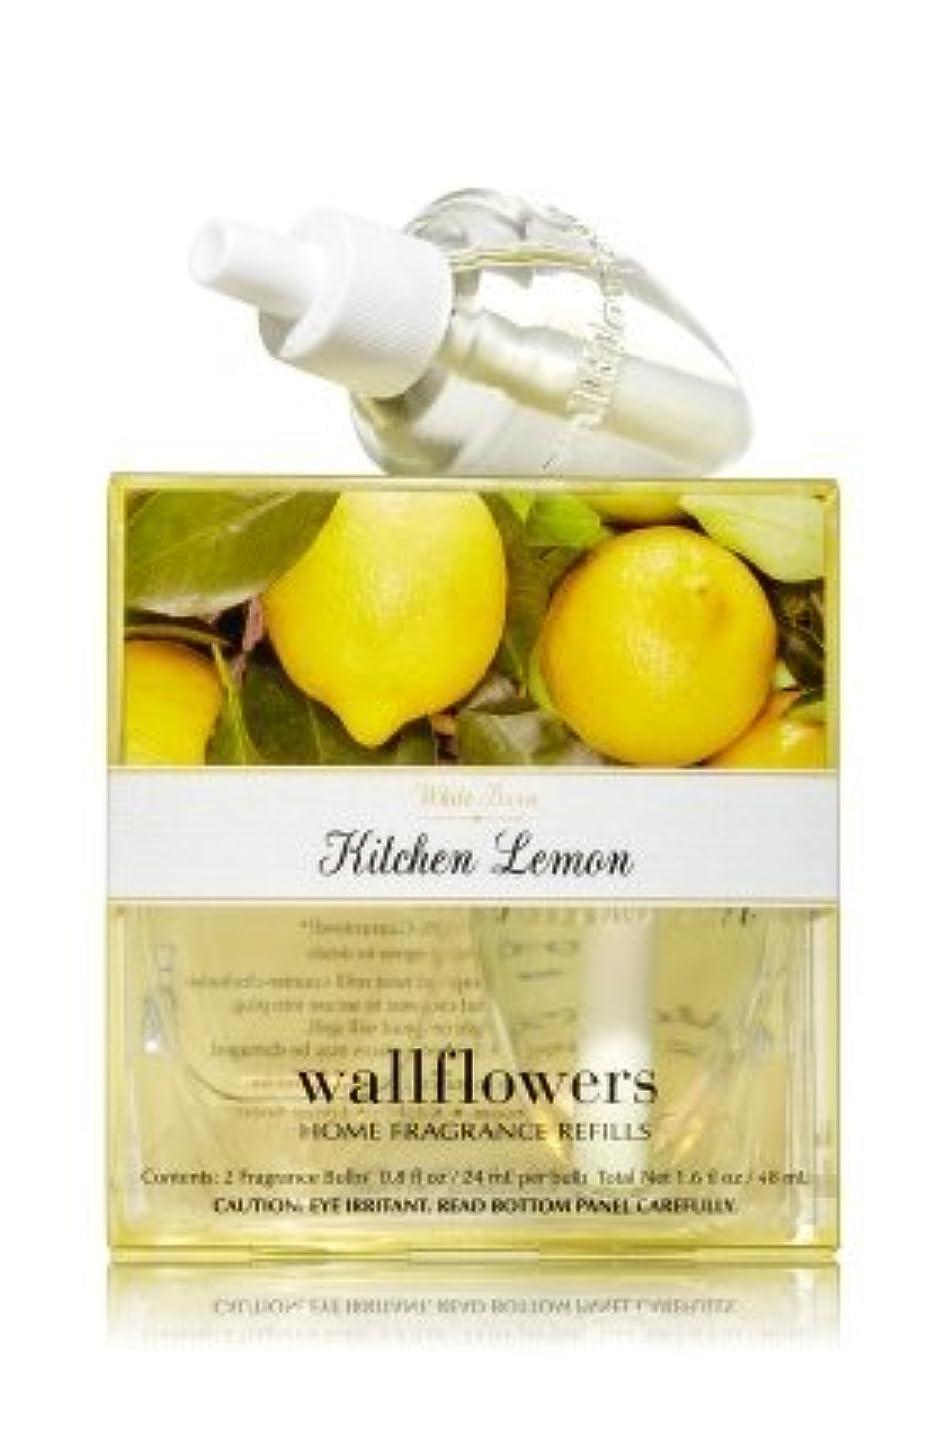 目立つ話をする切り離す【Bath&Body Works/バス&ボディワークス】 ルームフレグランス 詰替えリフィル(2個入り) キッチンレモン Wallflowers Home Fragrance 2-Pack Refills Kitchen Lemon [並行輸入品]